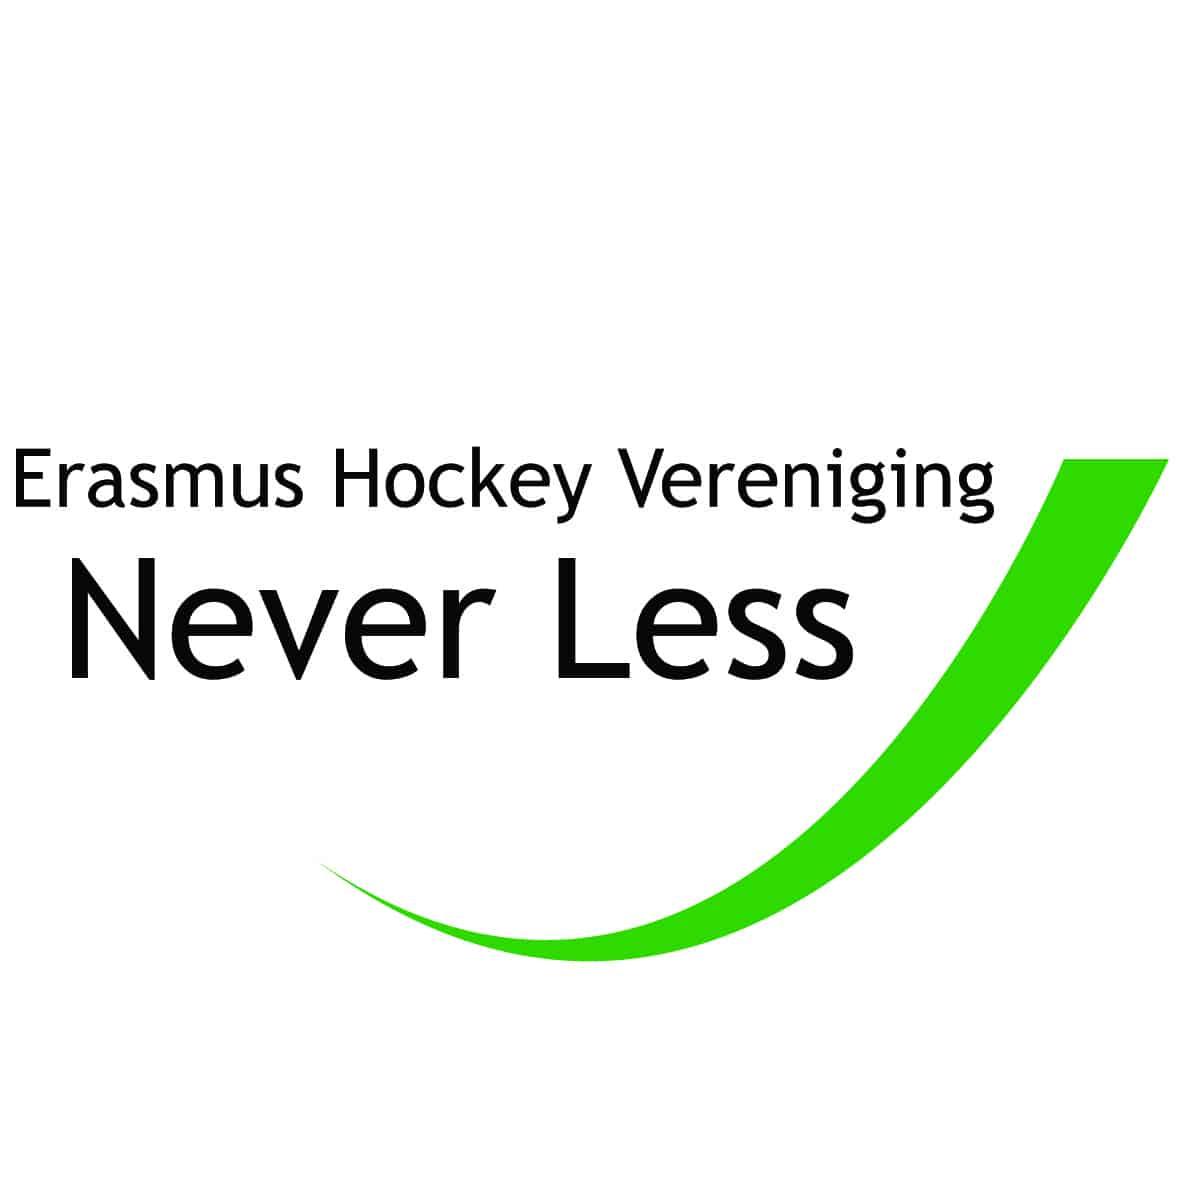 E.H.V. Never Less